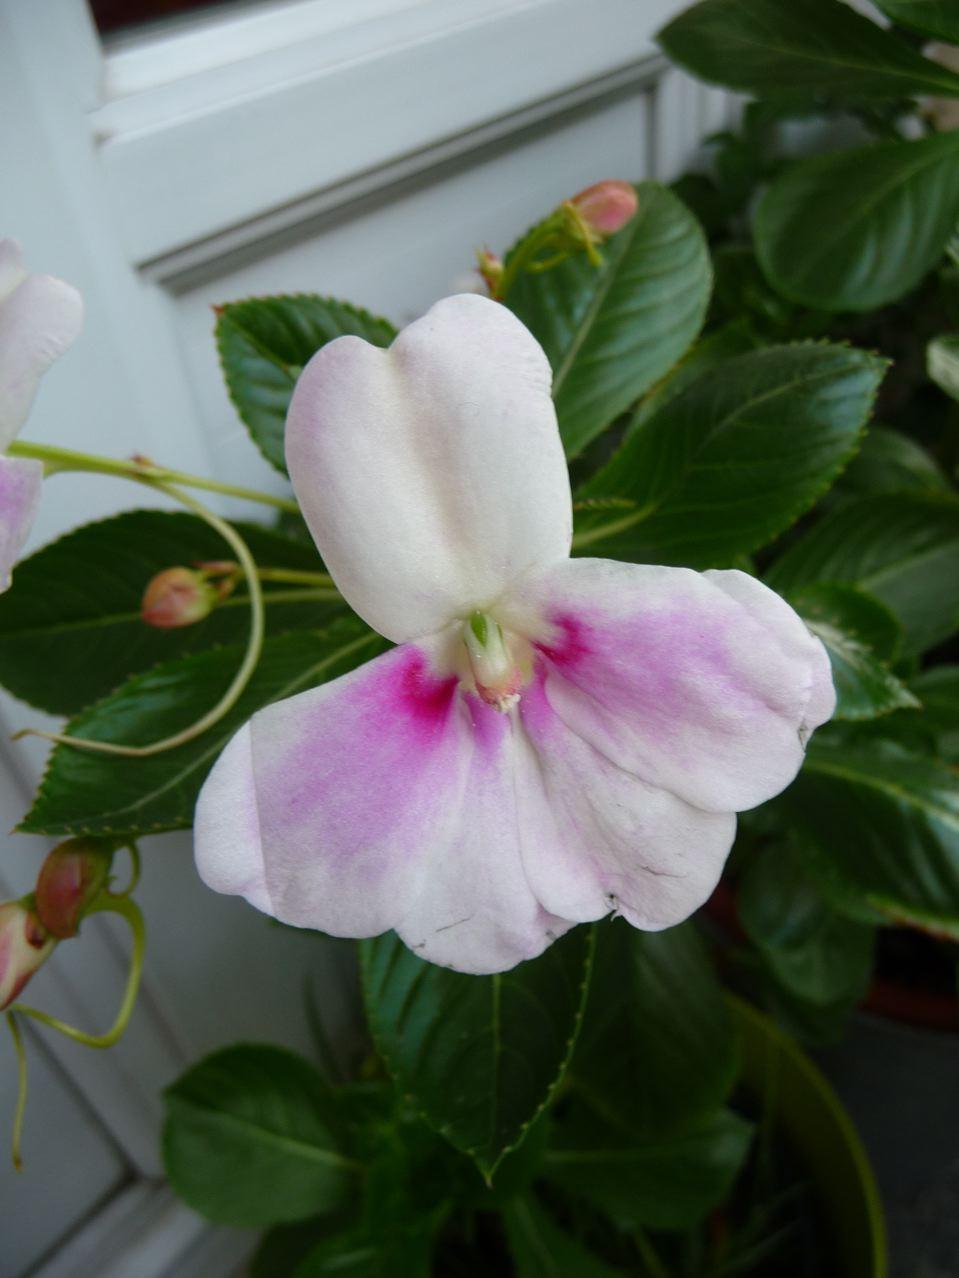 Les effets du froid sur les fleurs de l'impatiens